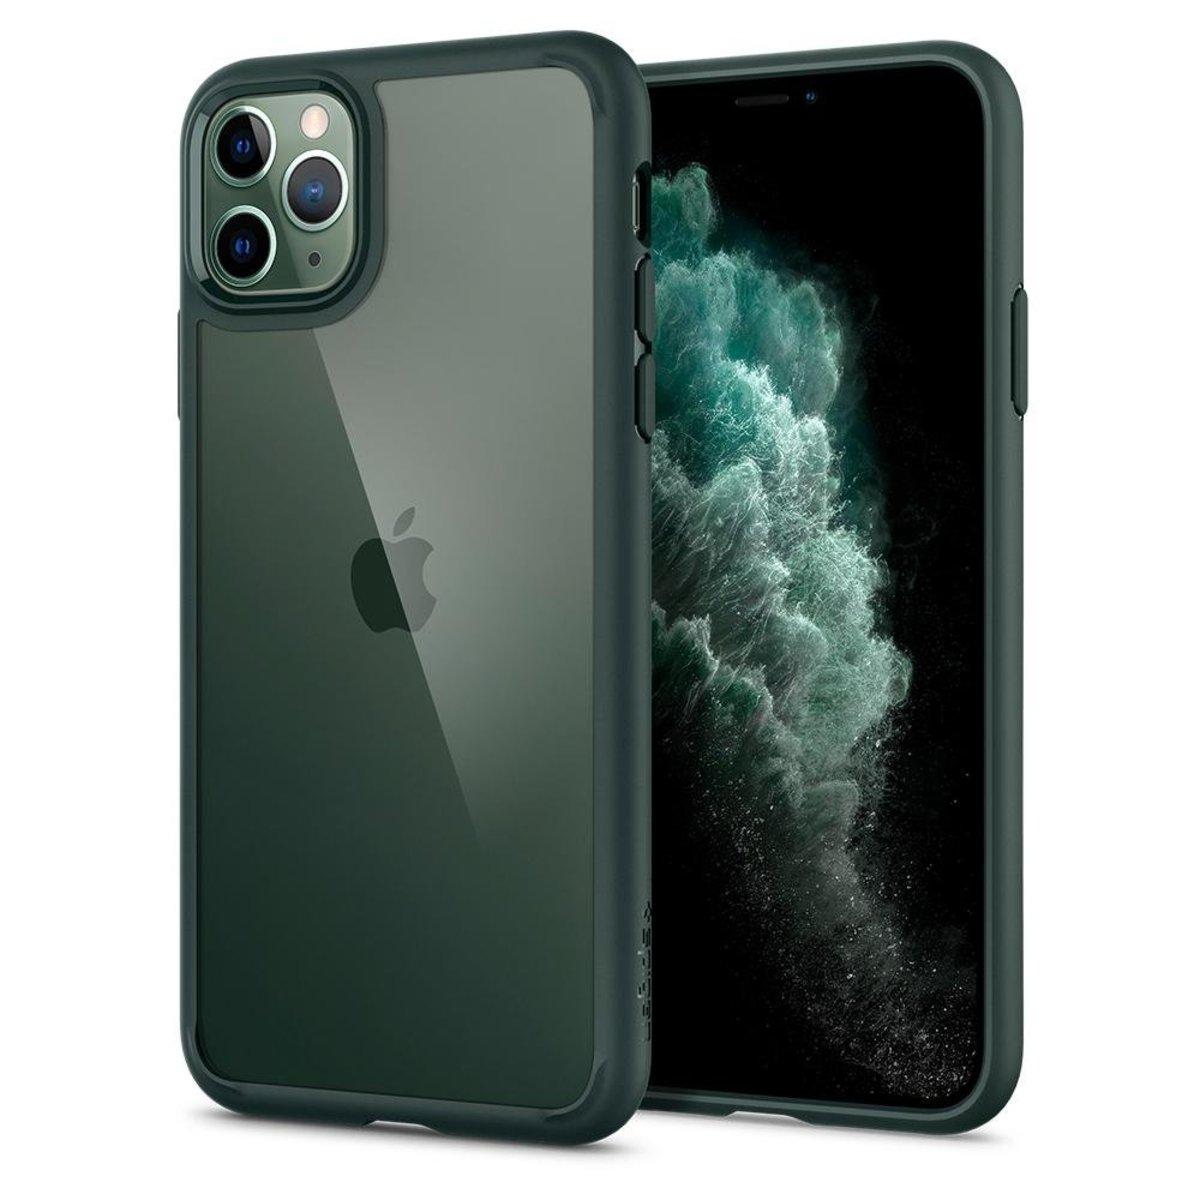 iPhone 11 Pro 保護殼 Ultra Hybrid - 午夜綠色